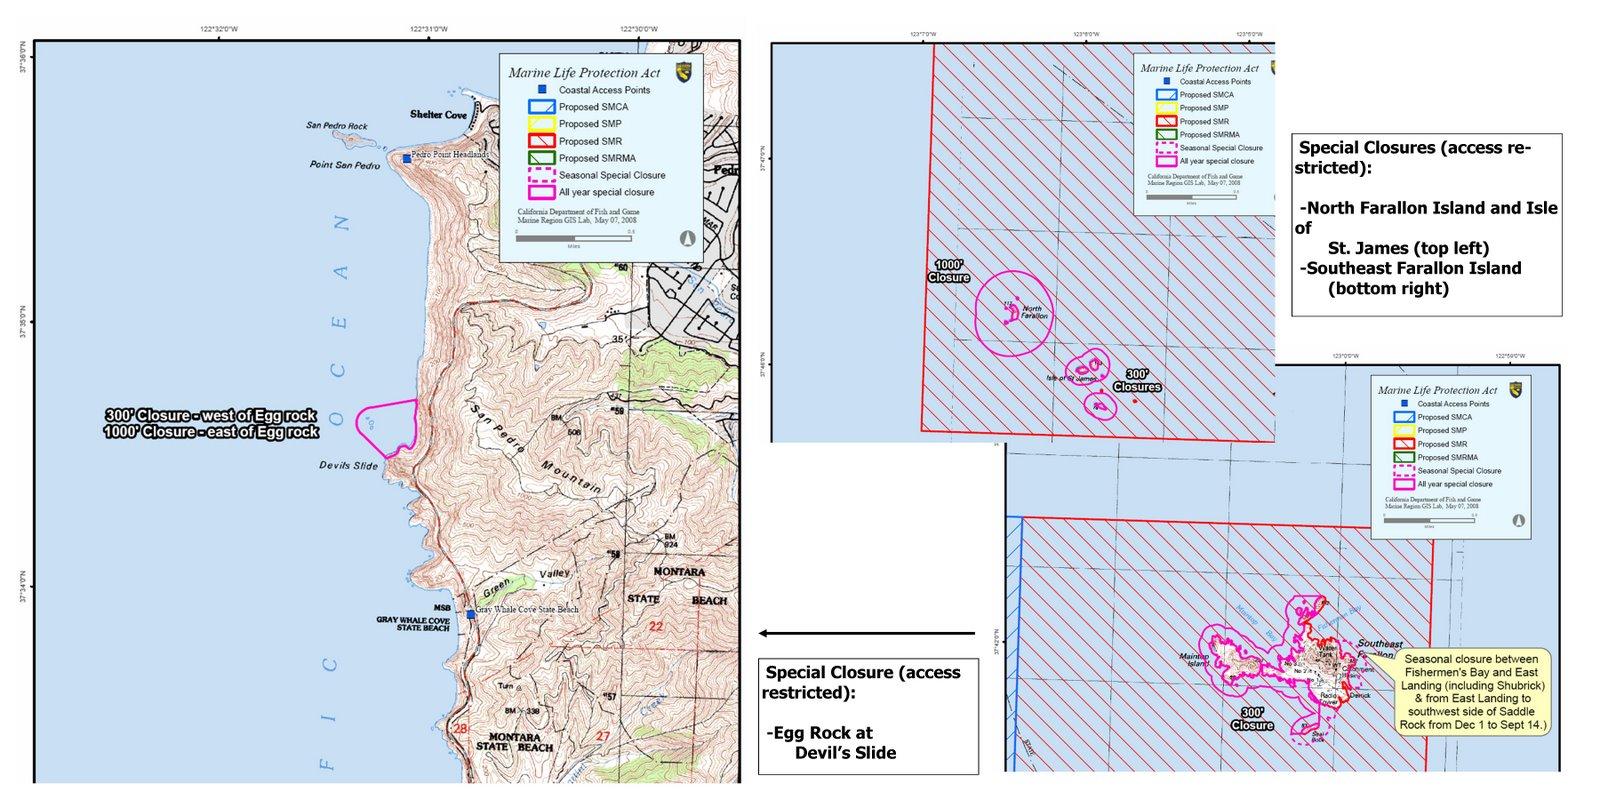 Egg Rock@ Devil's Slide (left), N. Farallon Island (top), Isle of St. James & SE Farallon (right)